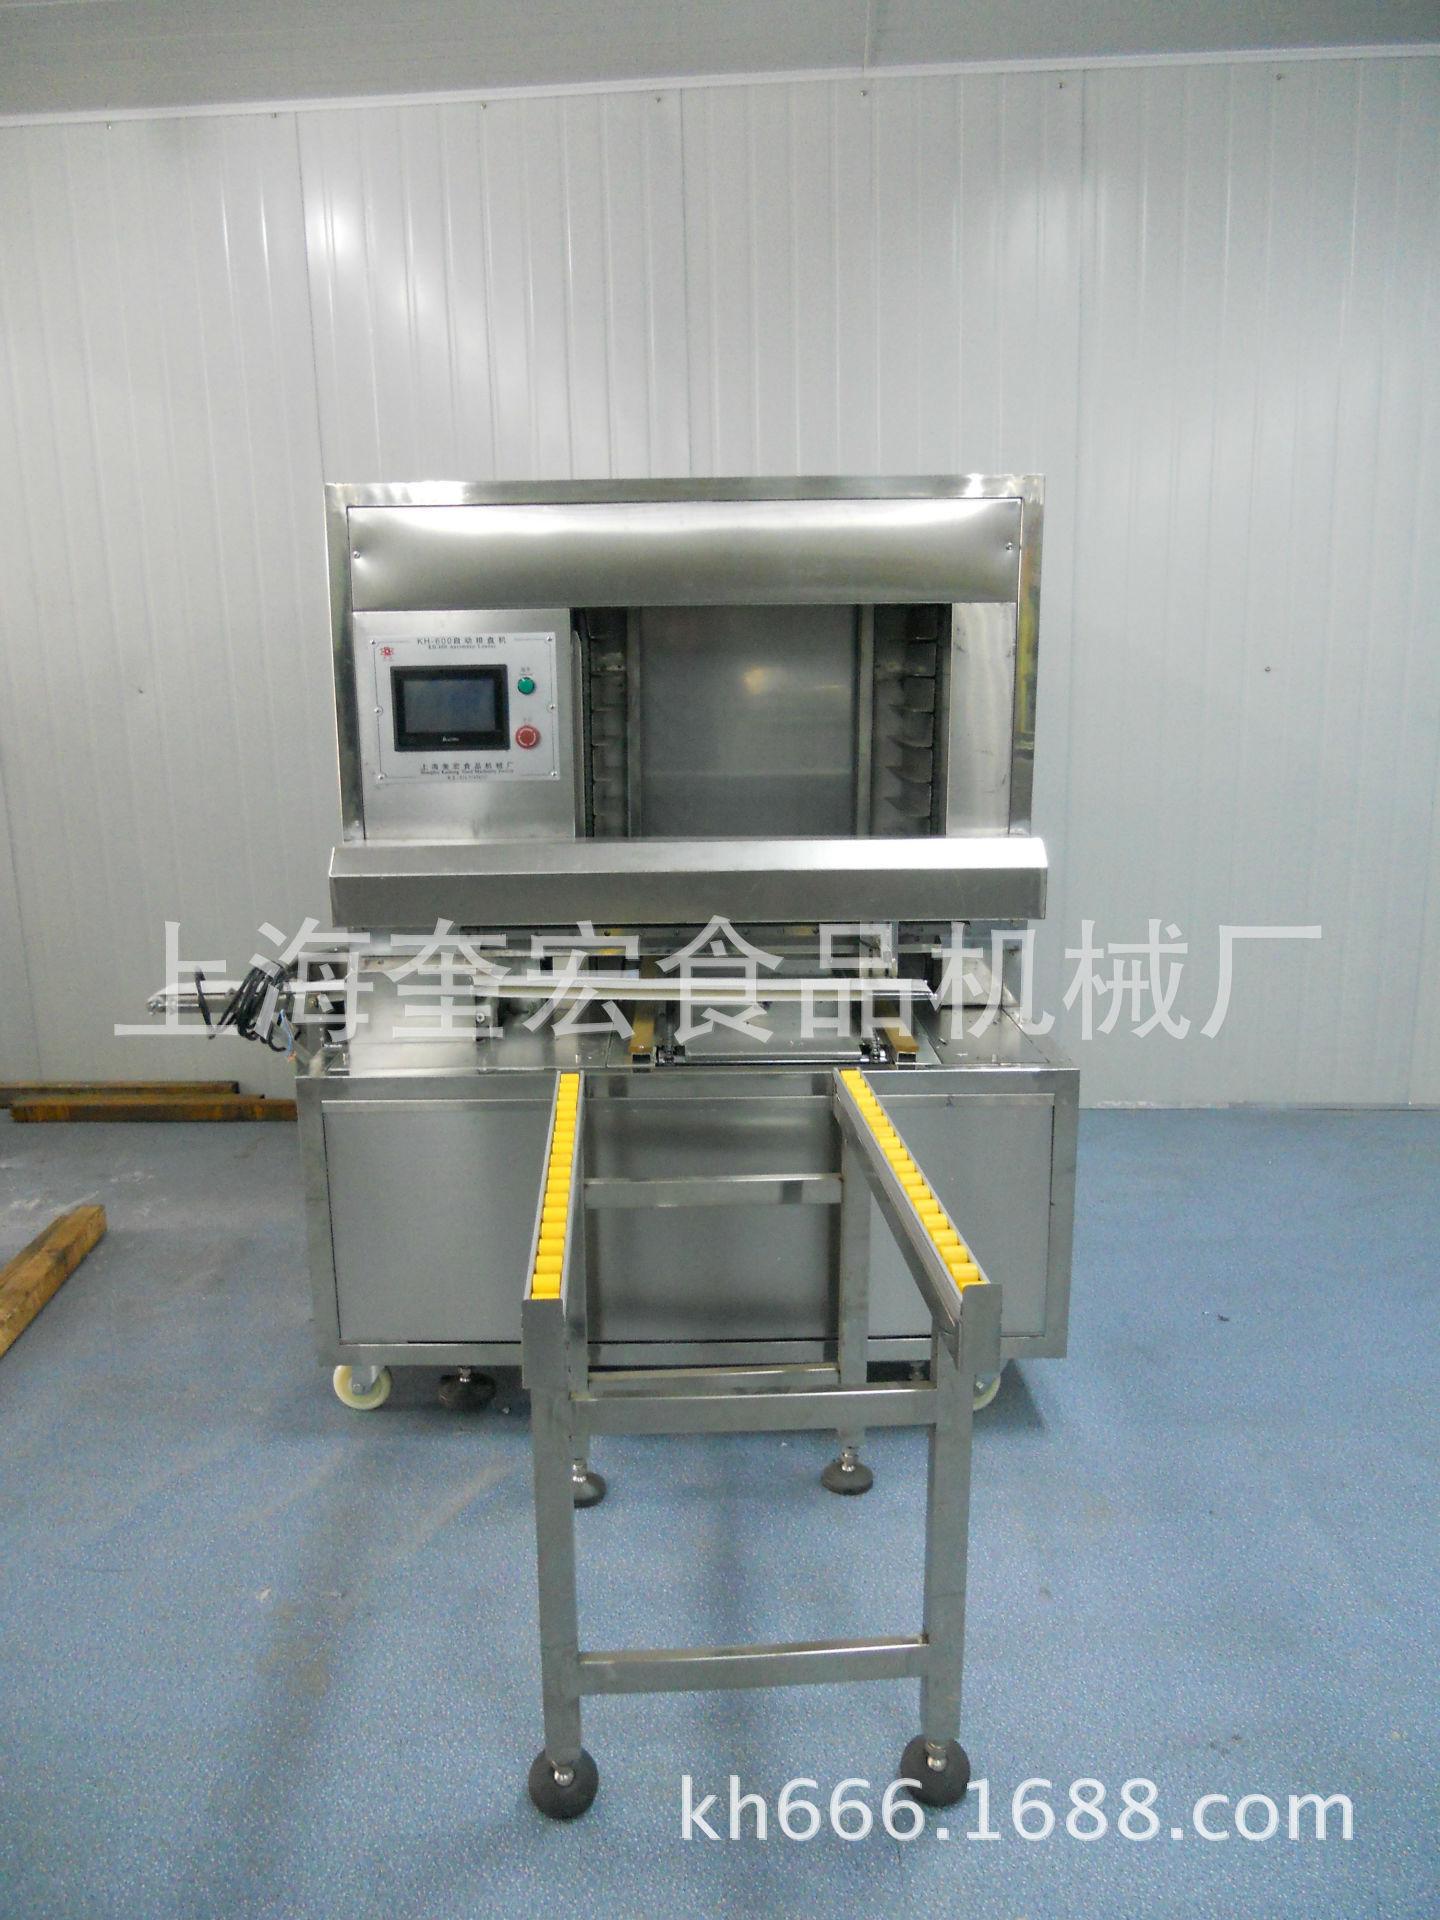 DSCN0534